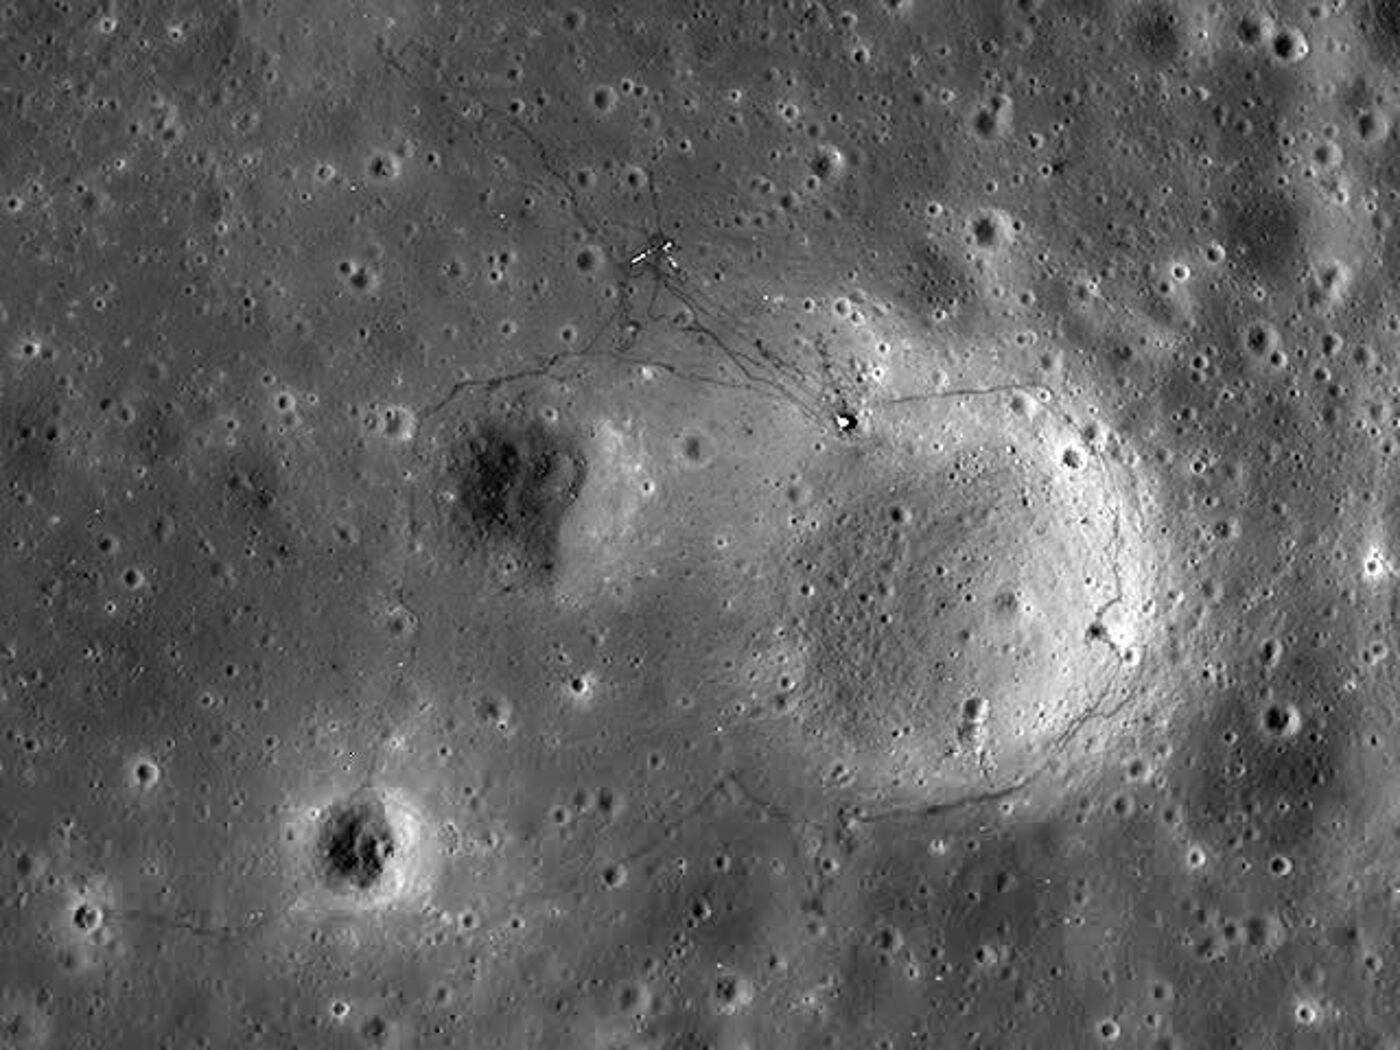 или фотографии следов американцев на луне одна